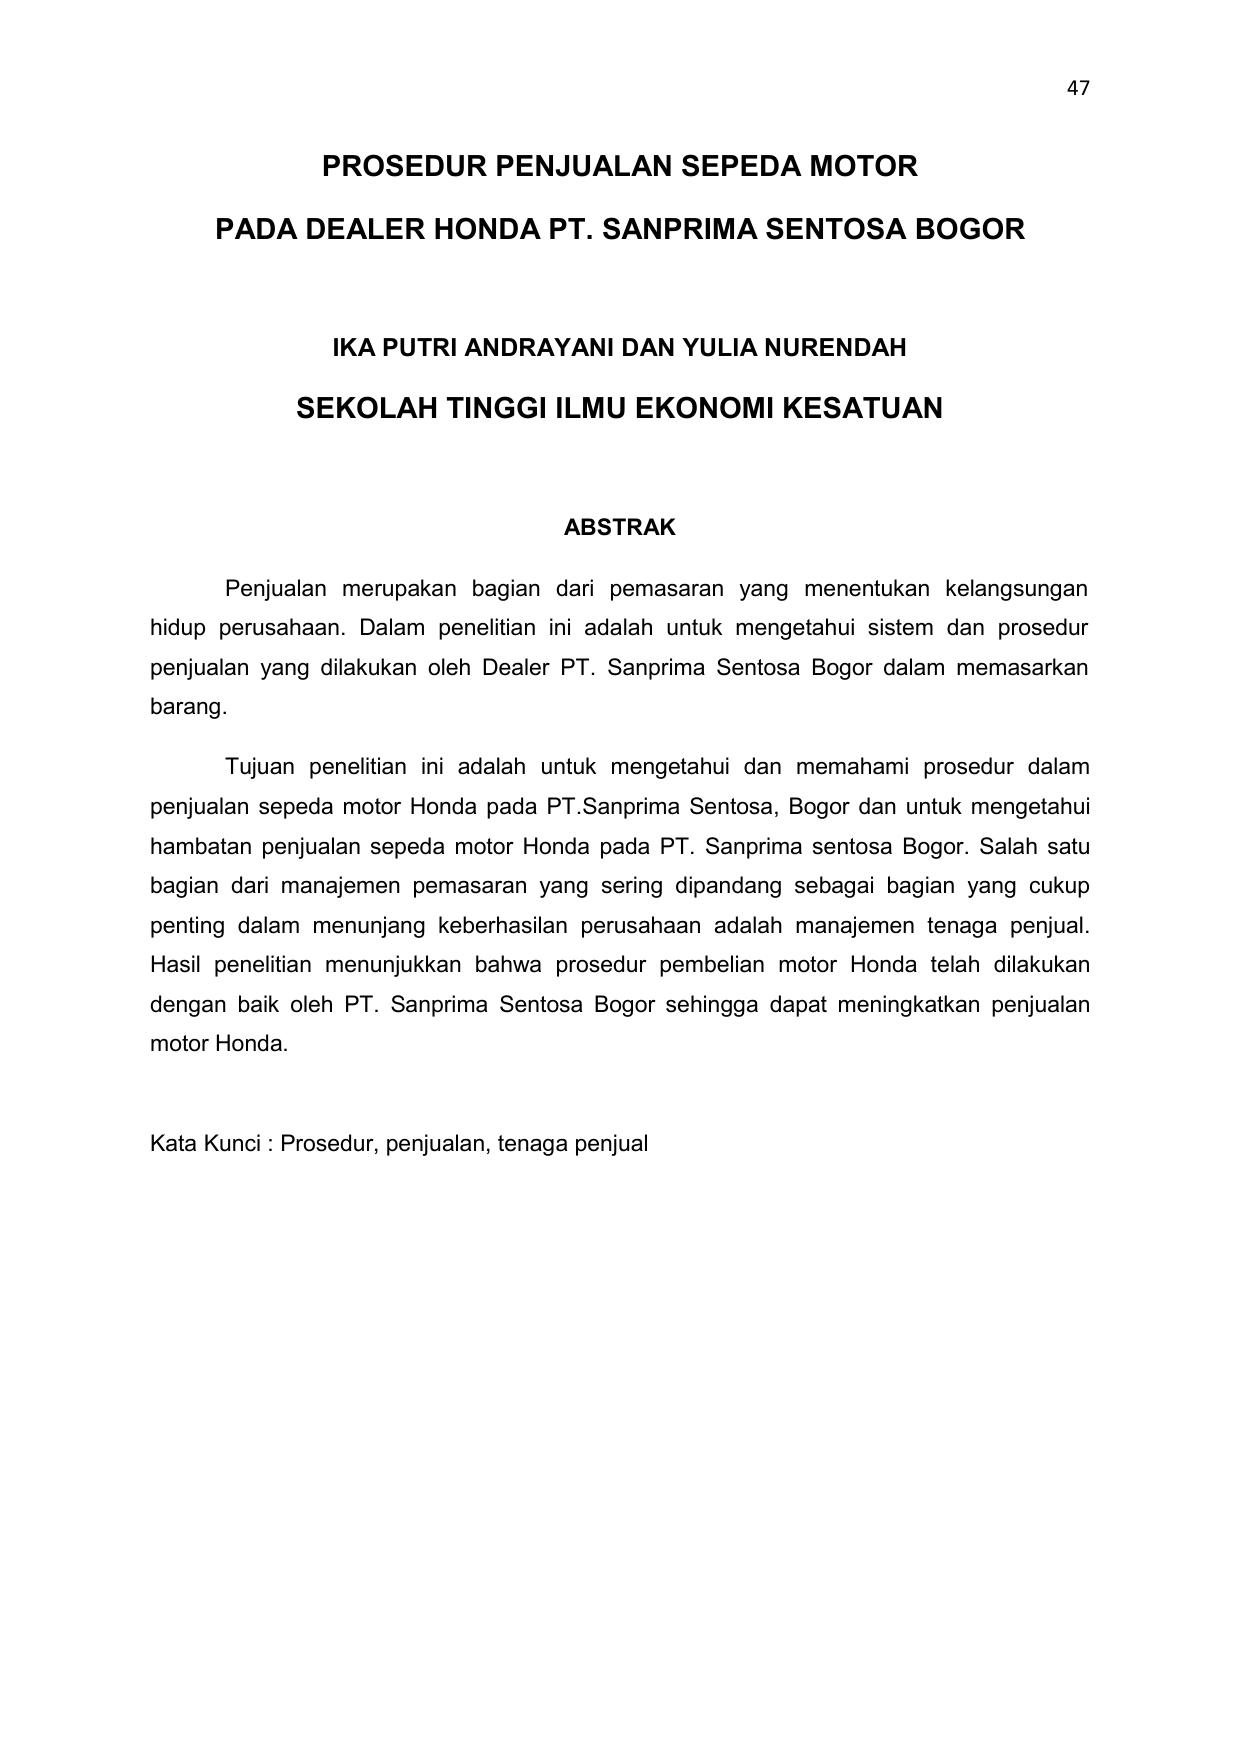 Contoh Laporan Pkl Di Dealer Motor Yamaha Kumpulan Contoh Laporan